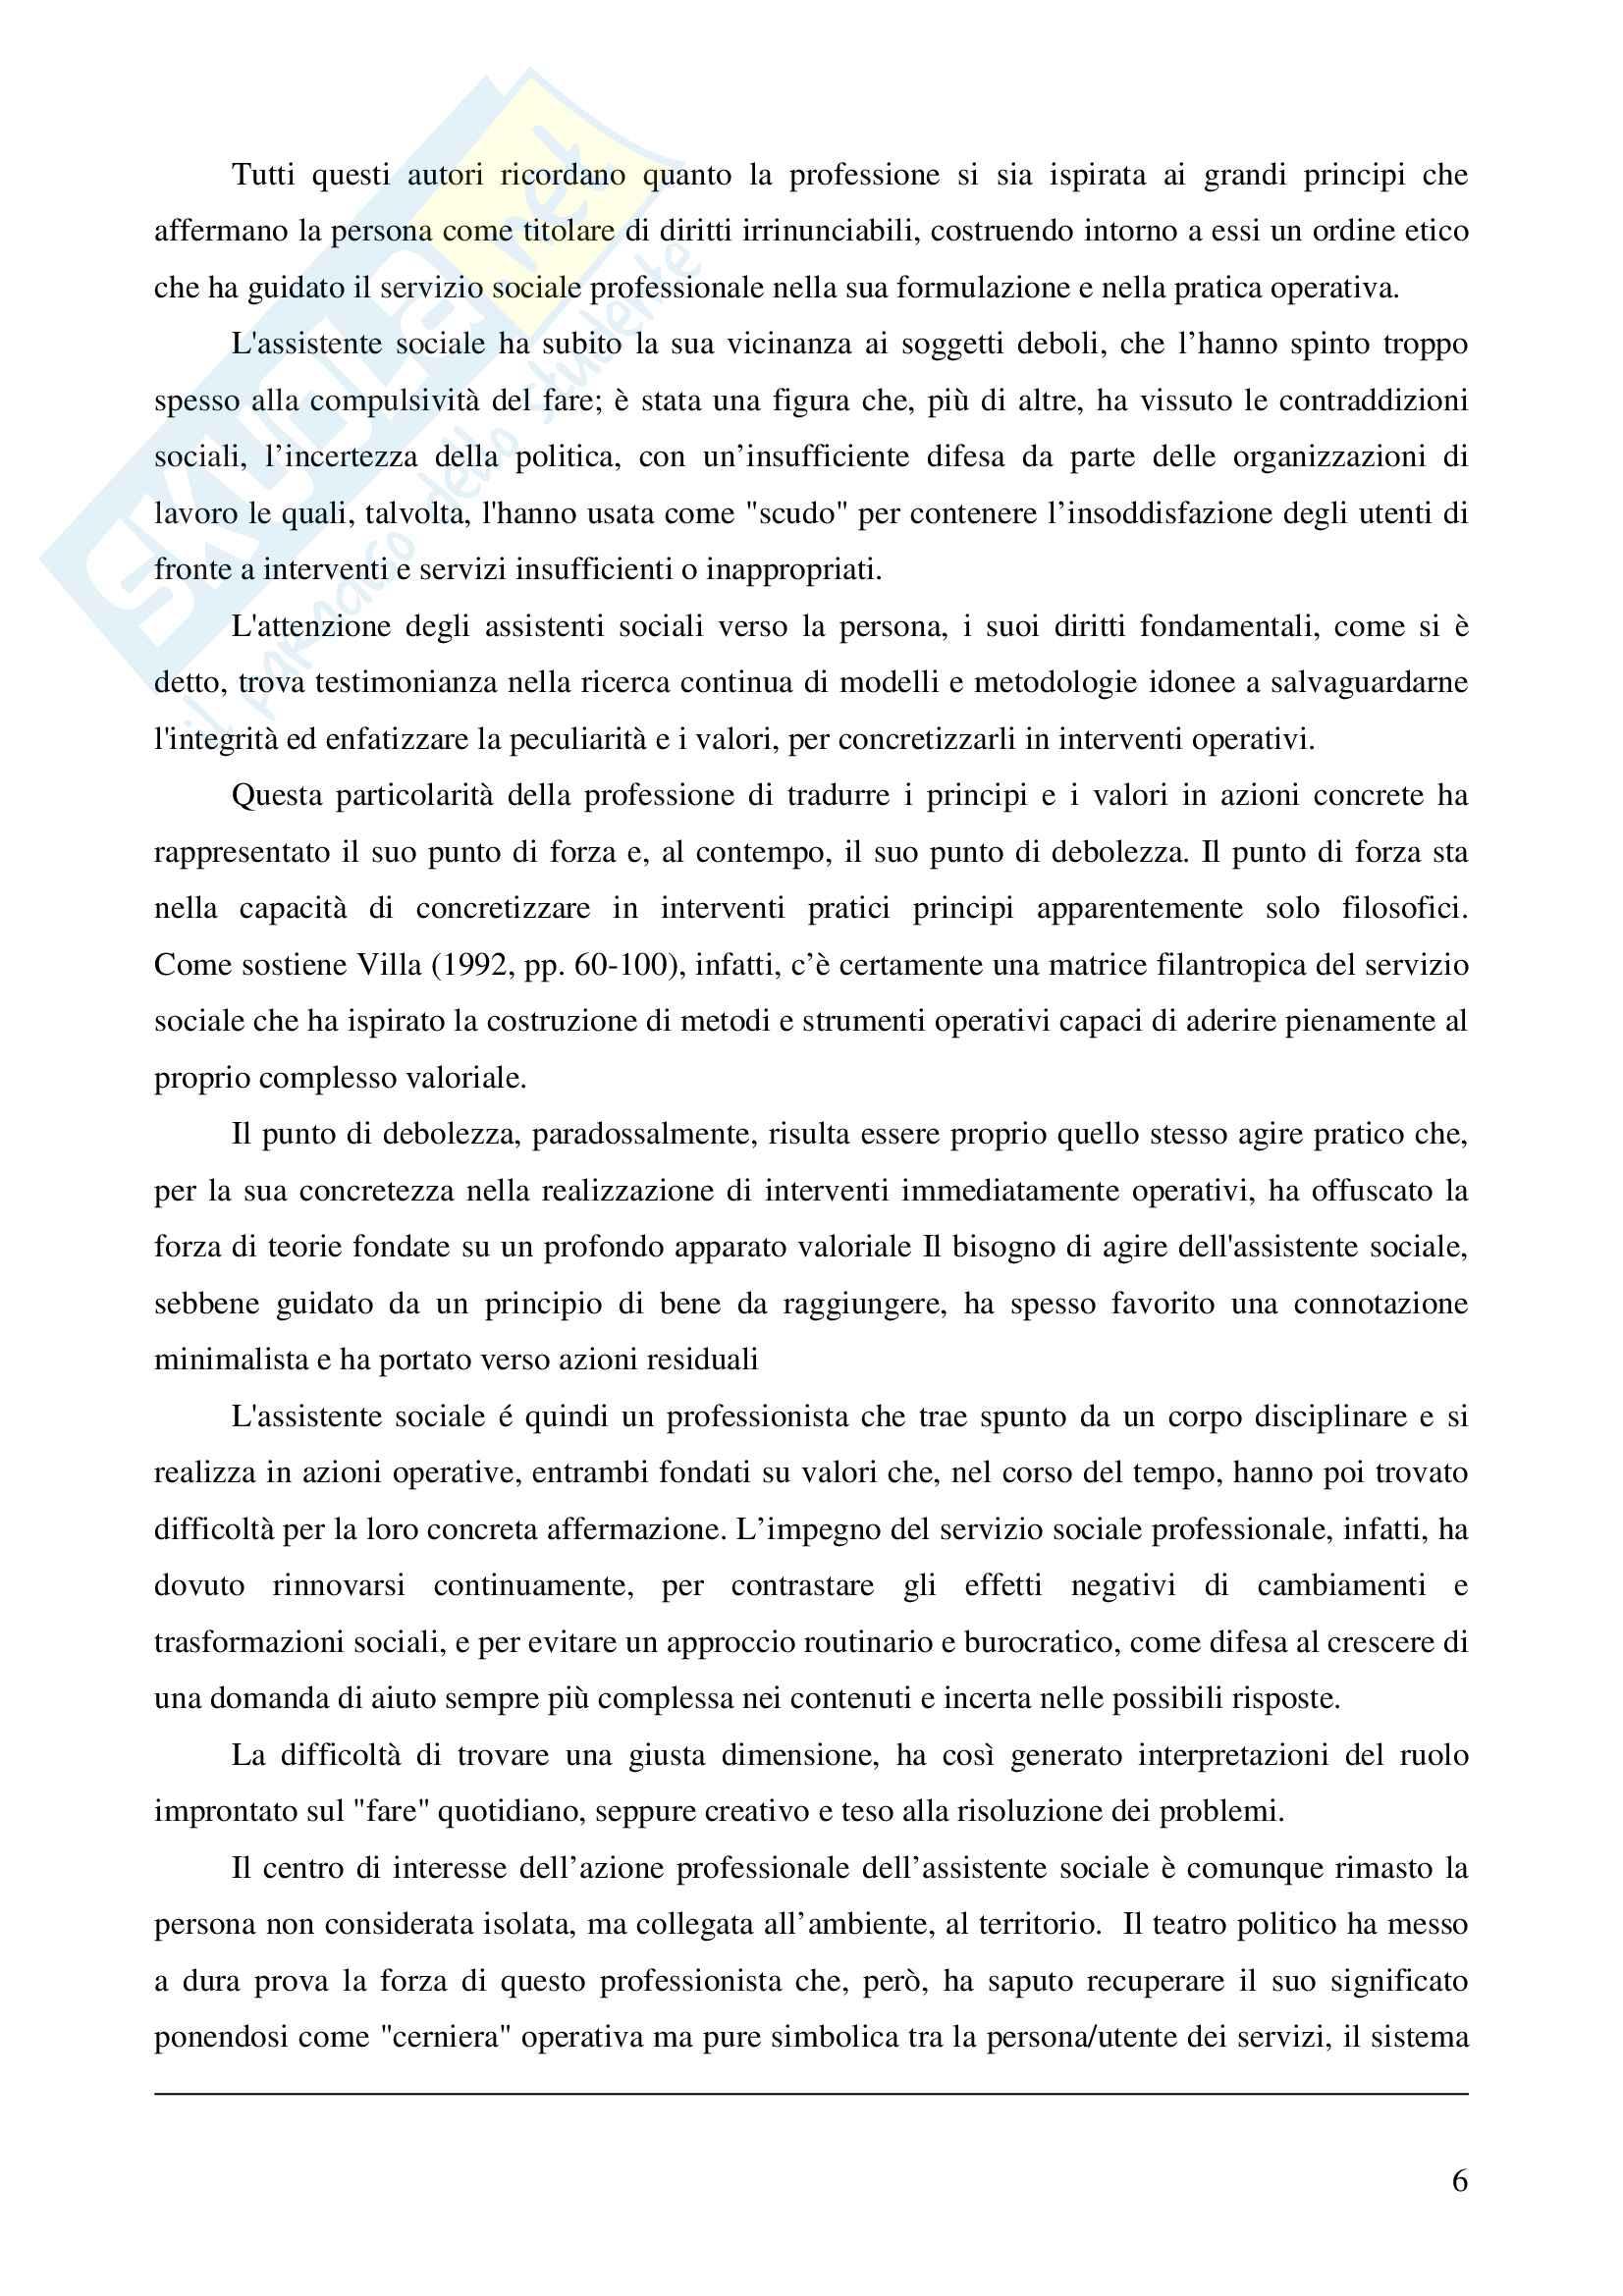 """Riassunto esame Metodi e tecniche del servizio sociale, prof.ssa Rizzo, libro adottato """"Assistenti sociali professionisti"""" (Annamaria Zilianti, Beatrice Rovai) Pag. 6"""